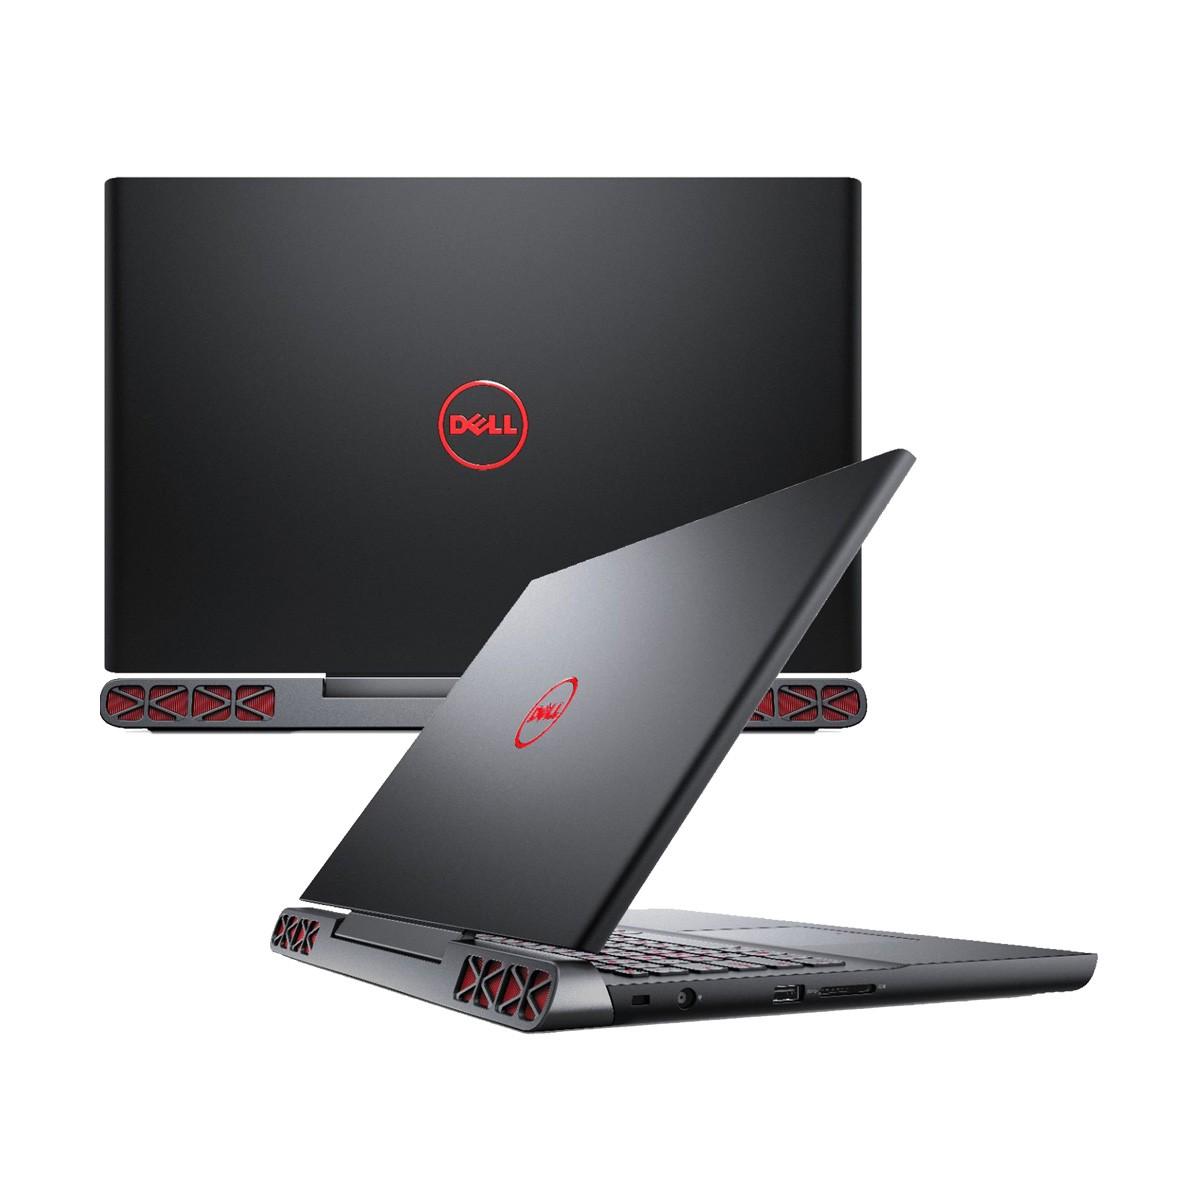 Dell Inspiron N7566 nhập khẩu Mỹ 99%